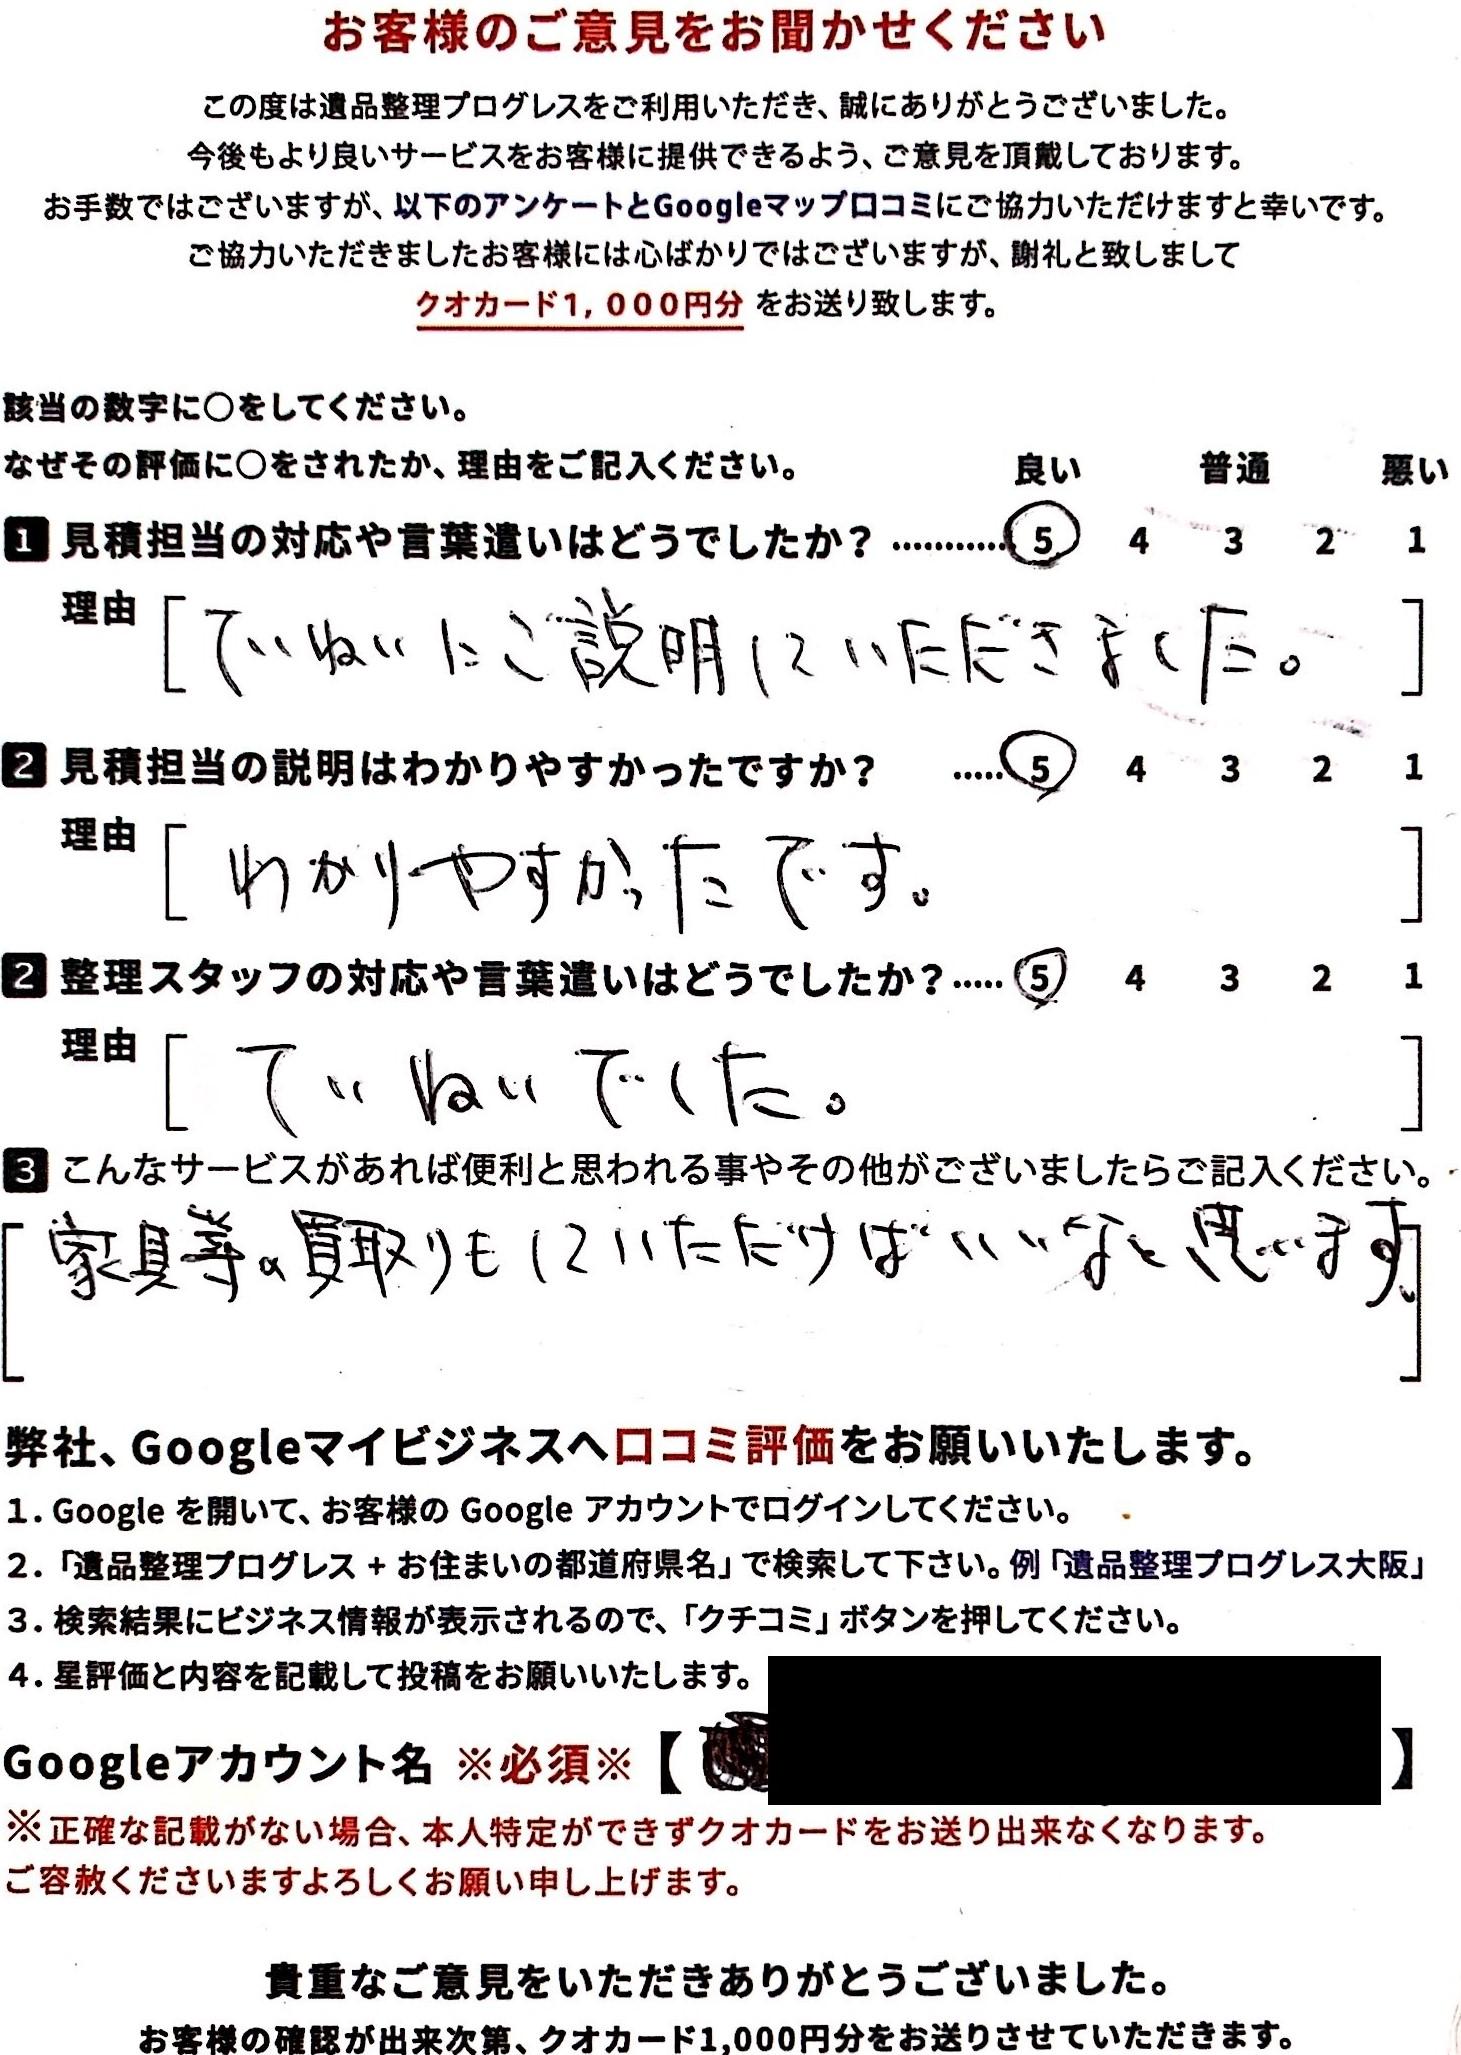 埼玉県鴻巣市K・K様のアンケート用紙